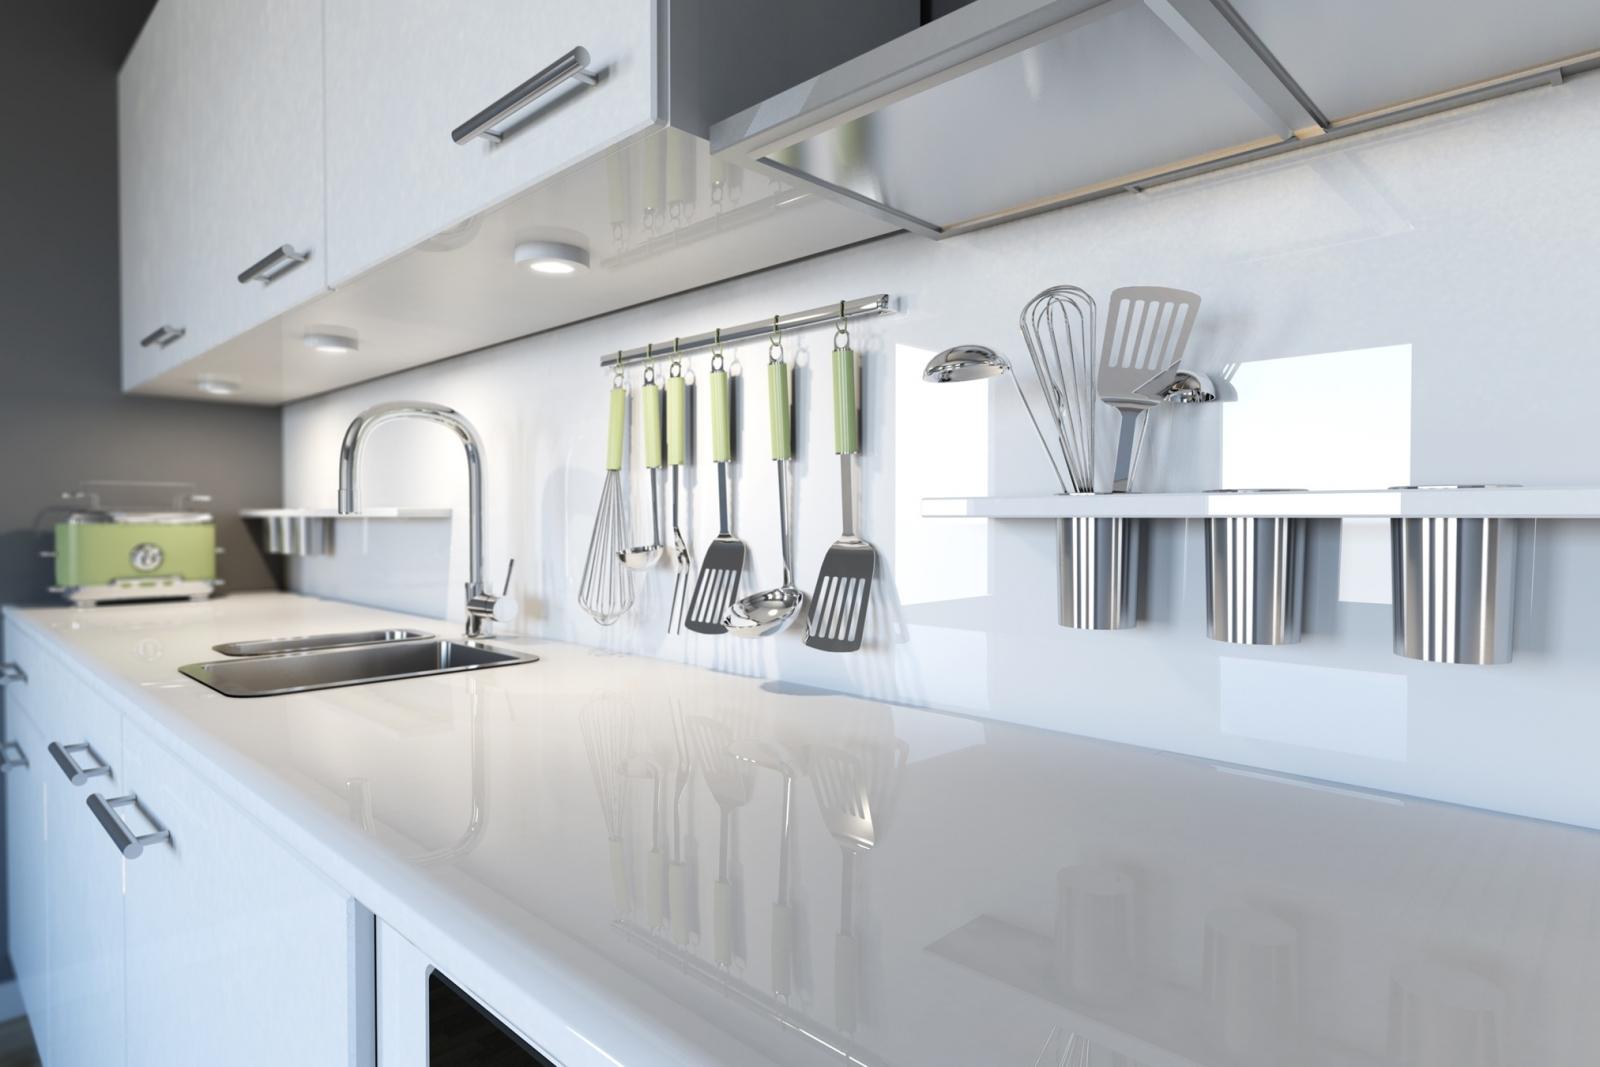 Moderne Keuken Inrichting : Moderne keukens: ideeën & inspiratie